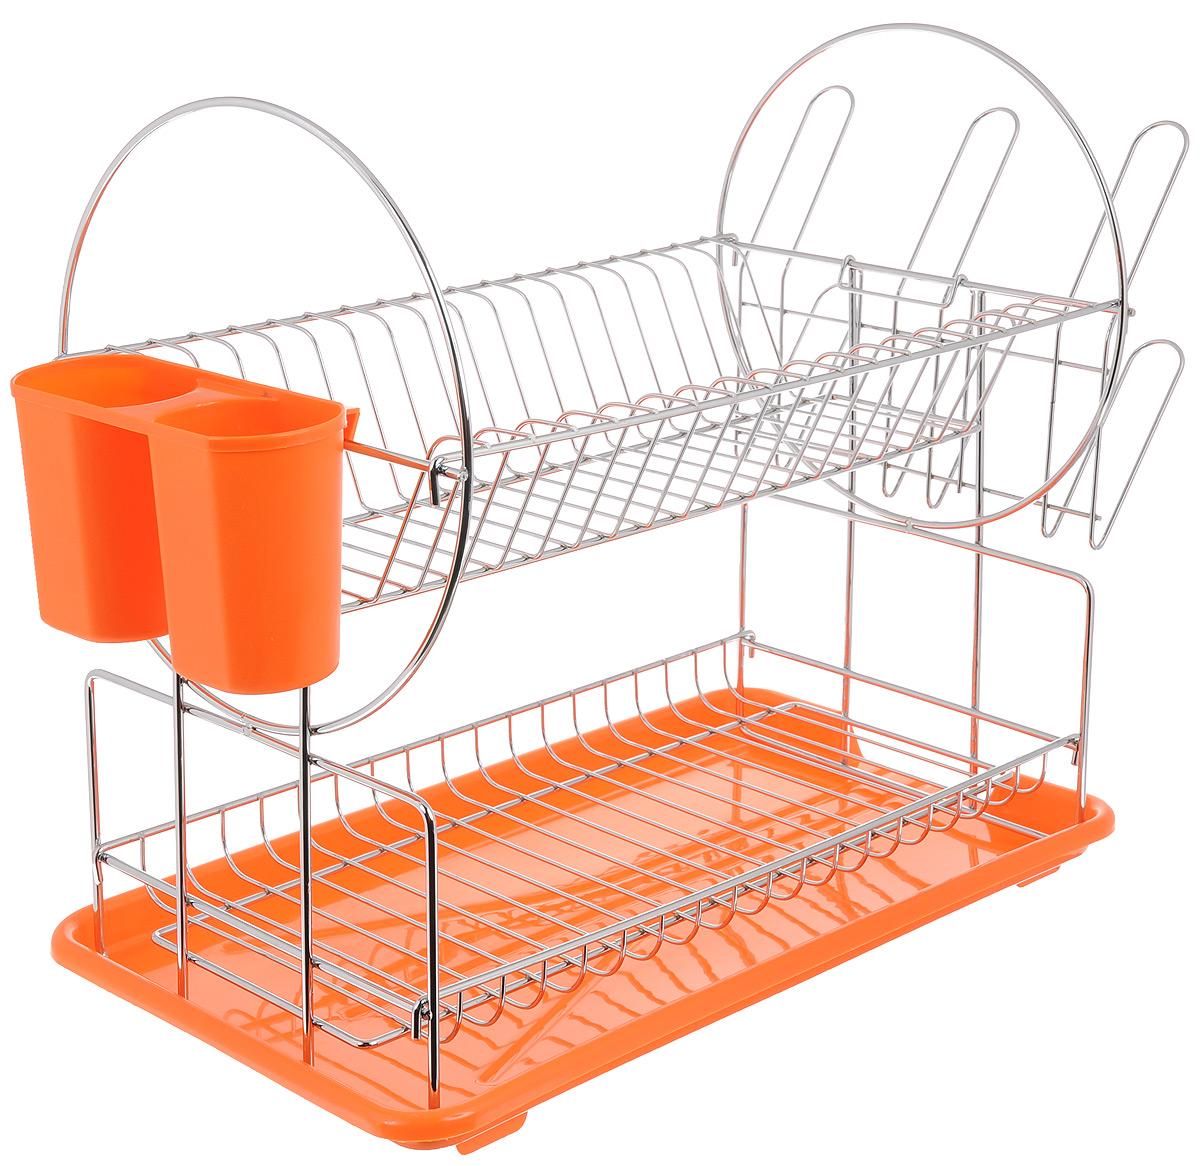 Сушилка для посуды Mayer & Boch, 2-ярусная, цвет: оранжевый, 39 х 23 х 36 смVT-1520(SR)Двухъярусная сушилка для посуды Mayer & Boch, выполненная из высококачественного полипропилена и хромированного металла, отлично подходит для хранения кухонных принадлежностей и столовых приборов. Сушилка состоит из подставки для тарелок, двойной подставки для столовых приборов, а также места для кружек и мисок. Поддон для воды поможет сохранить кухню в чистоте. Элегантный, цветной дизайн прекрасно сочетается с интерьером любой кухни.